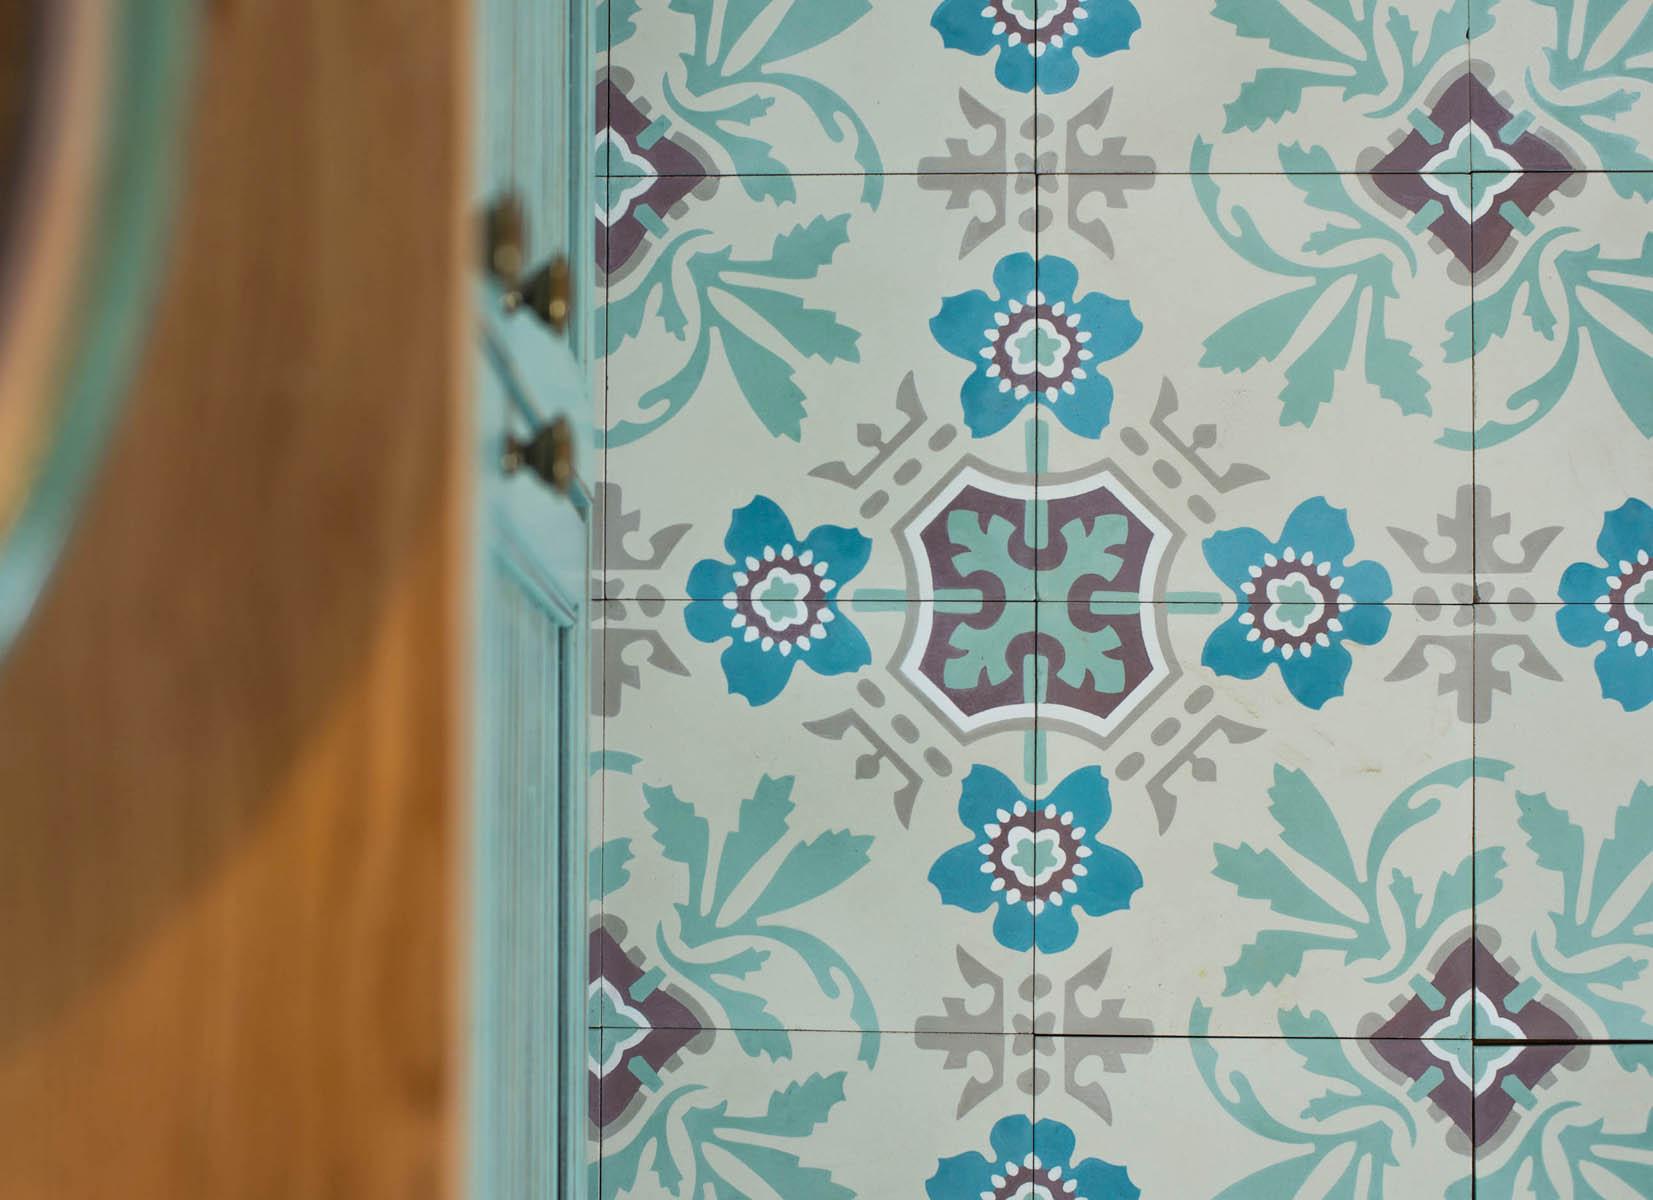 אריחים מצוירים באמבטיה דגם נרקיס 1 ענבל אריחים מצוירים